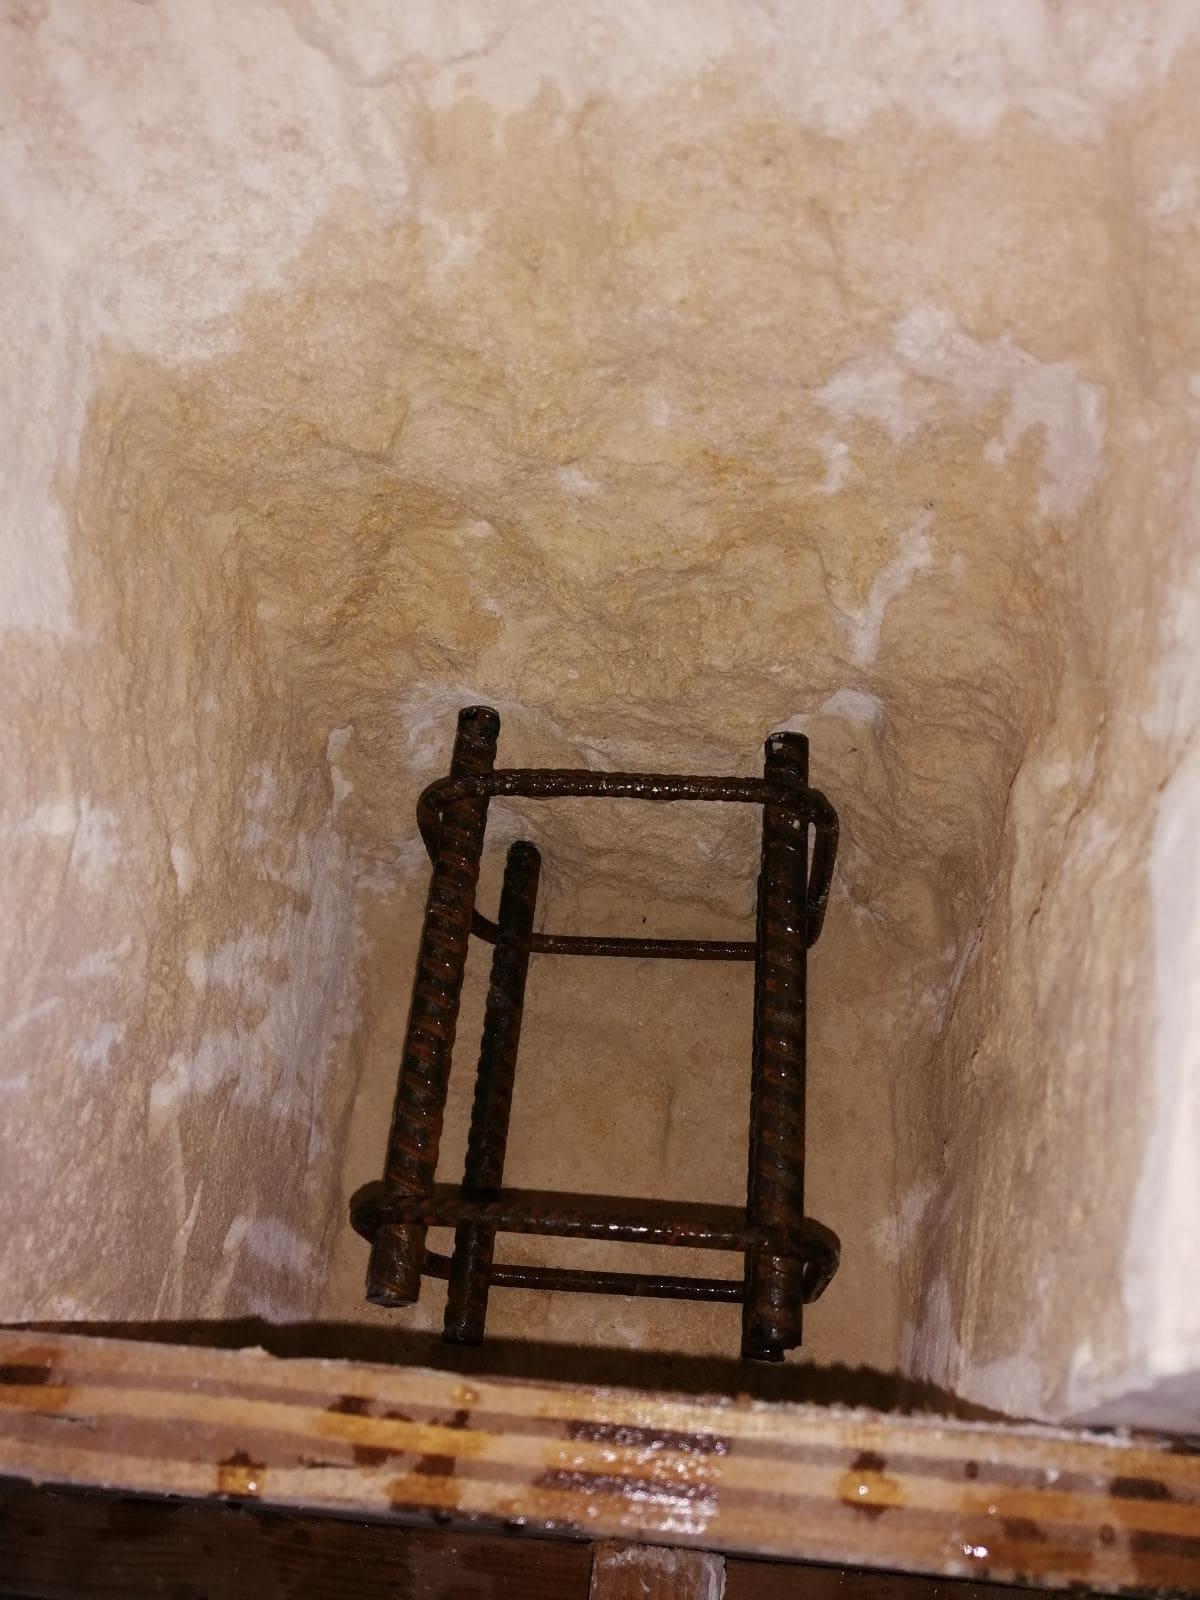 Démolition d'un mur porteur à Colombes. Renforcement par IPN - Agrandissement d'une baie